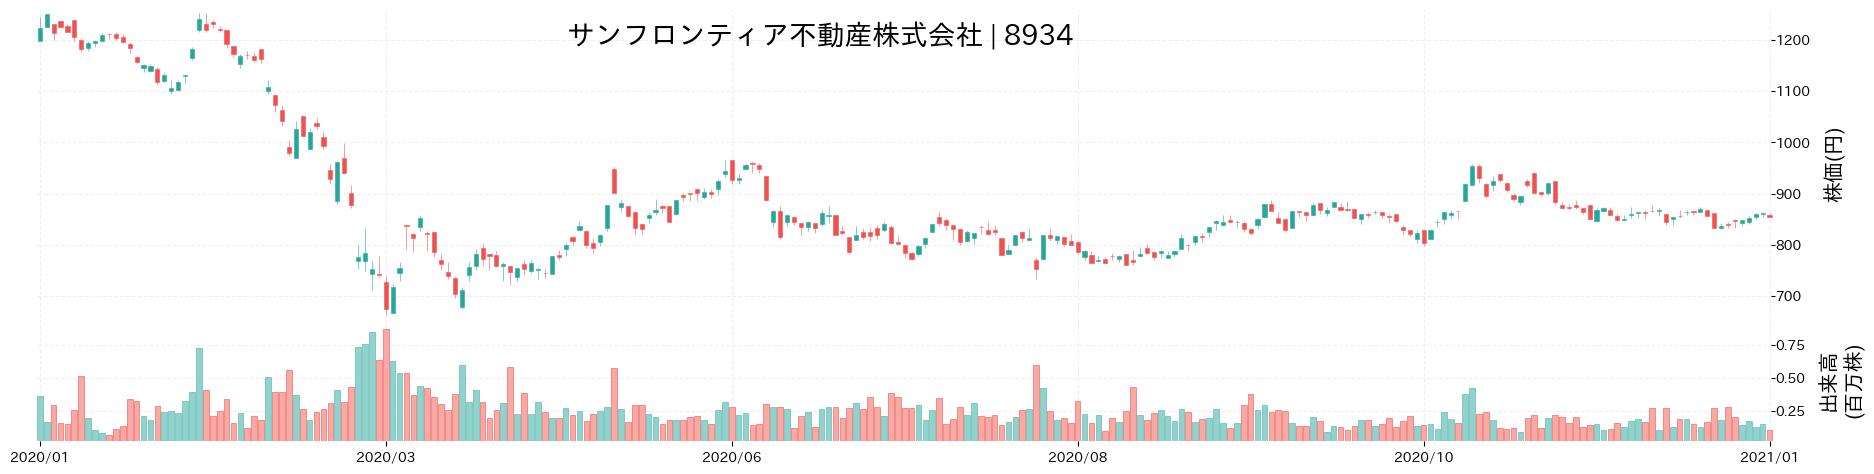 サンフロンティア不動産株式会社の株価推移(2020)